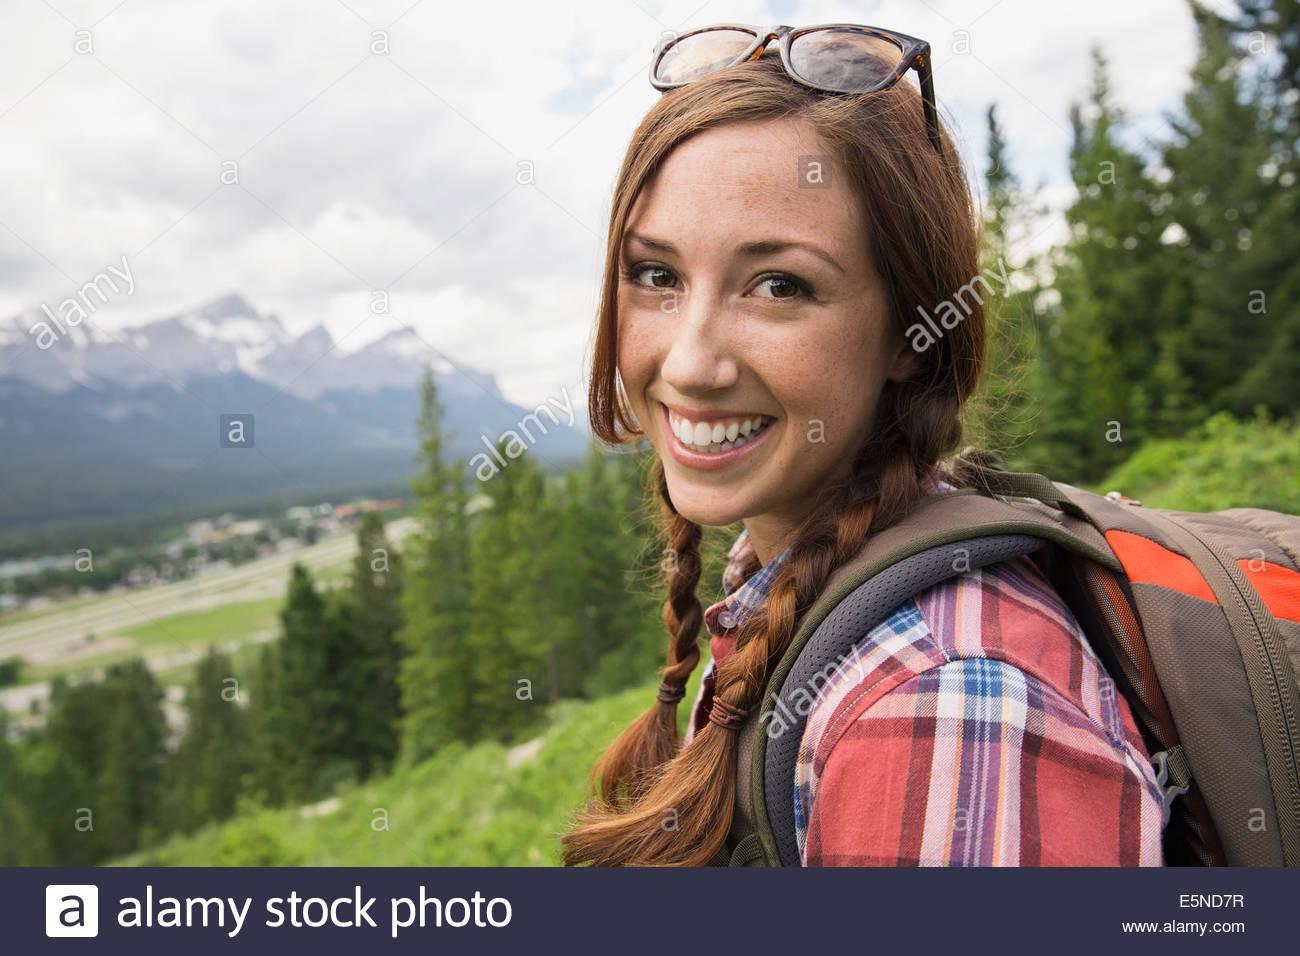 Ritratto di donna sorridente escursioni vicino alle montagne Immagini Stock